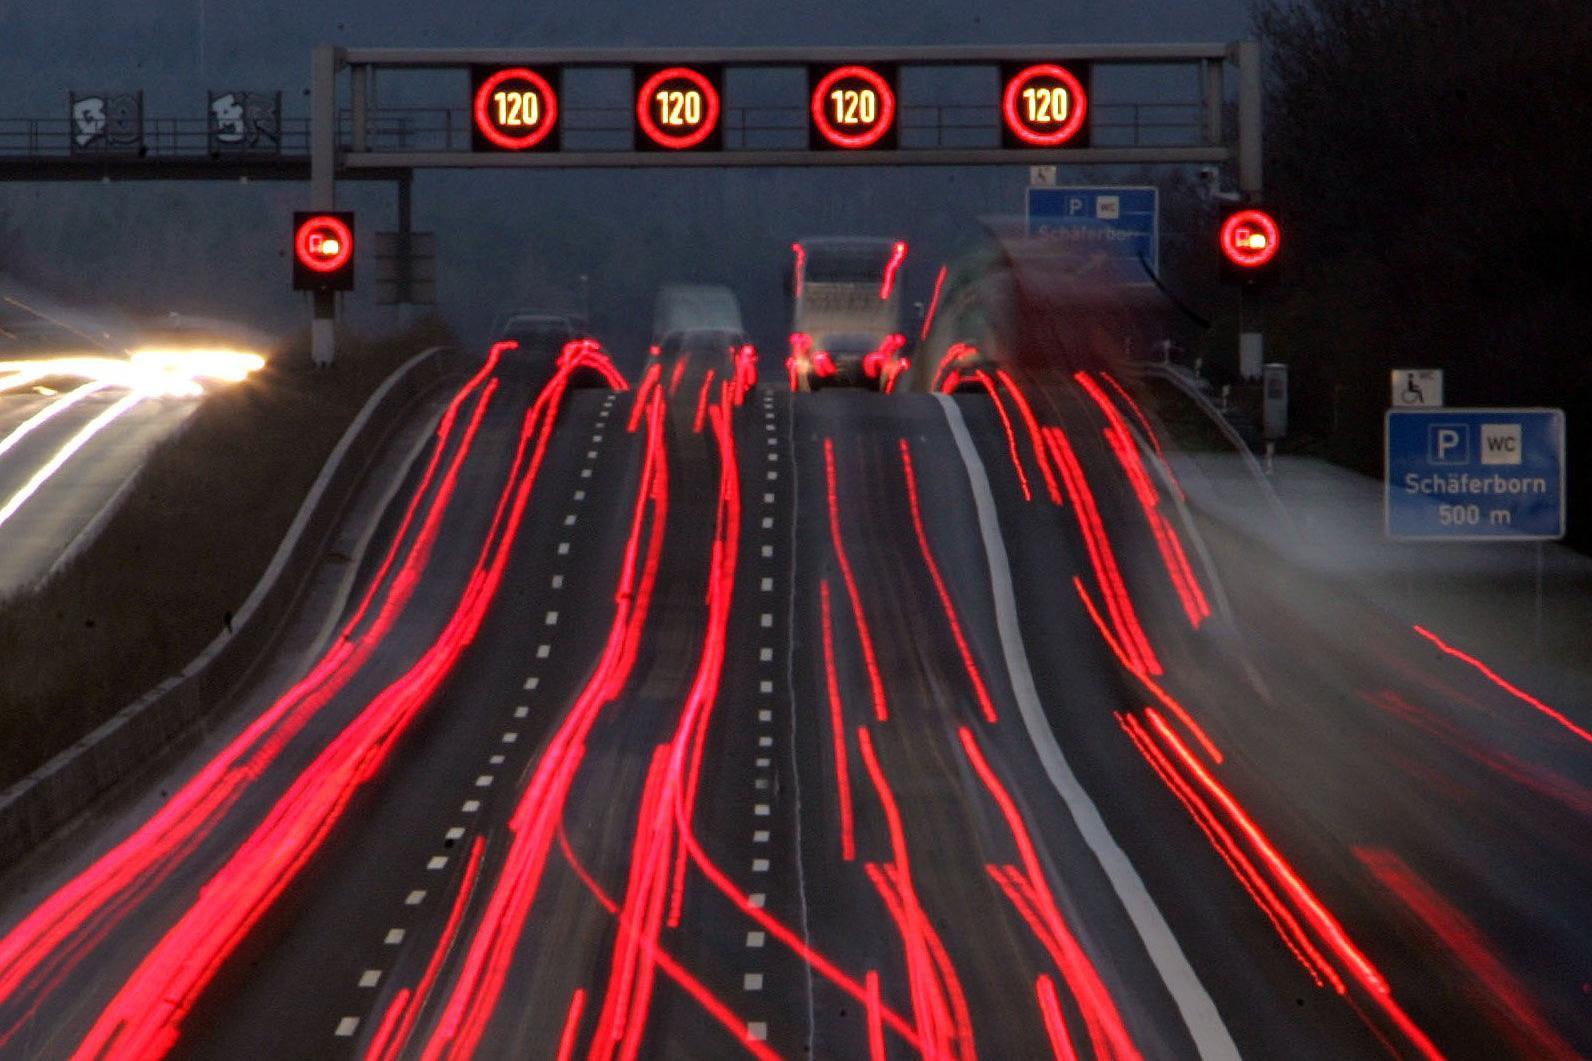 autobahn, alemania, autopistas, velocidad, leyes,